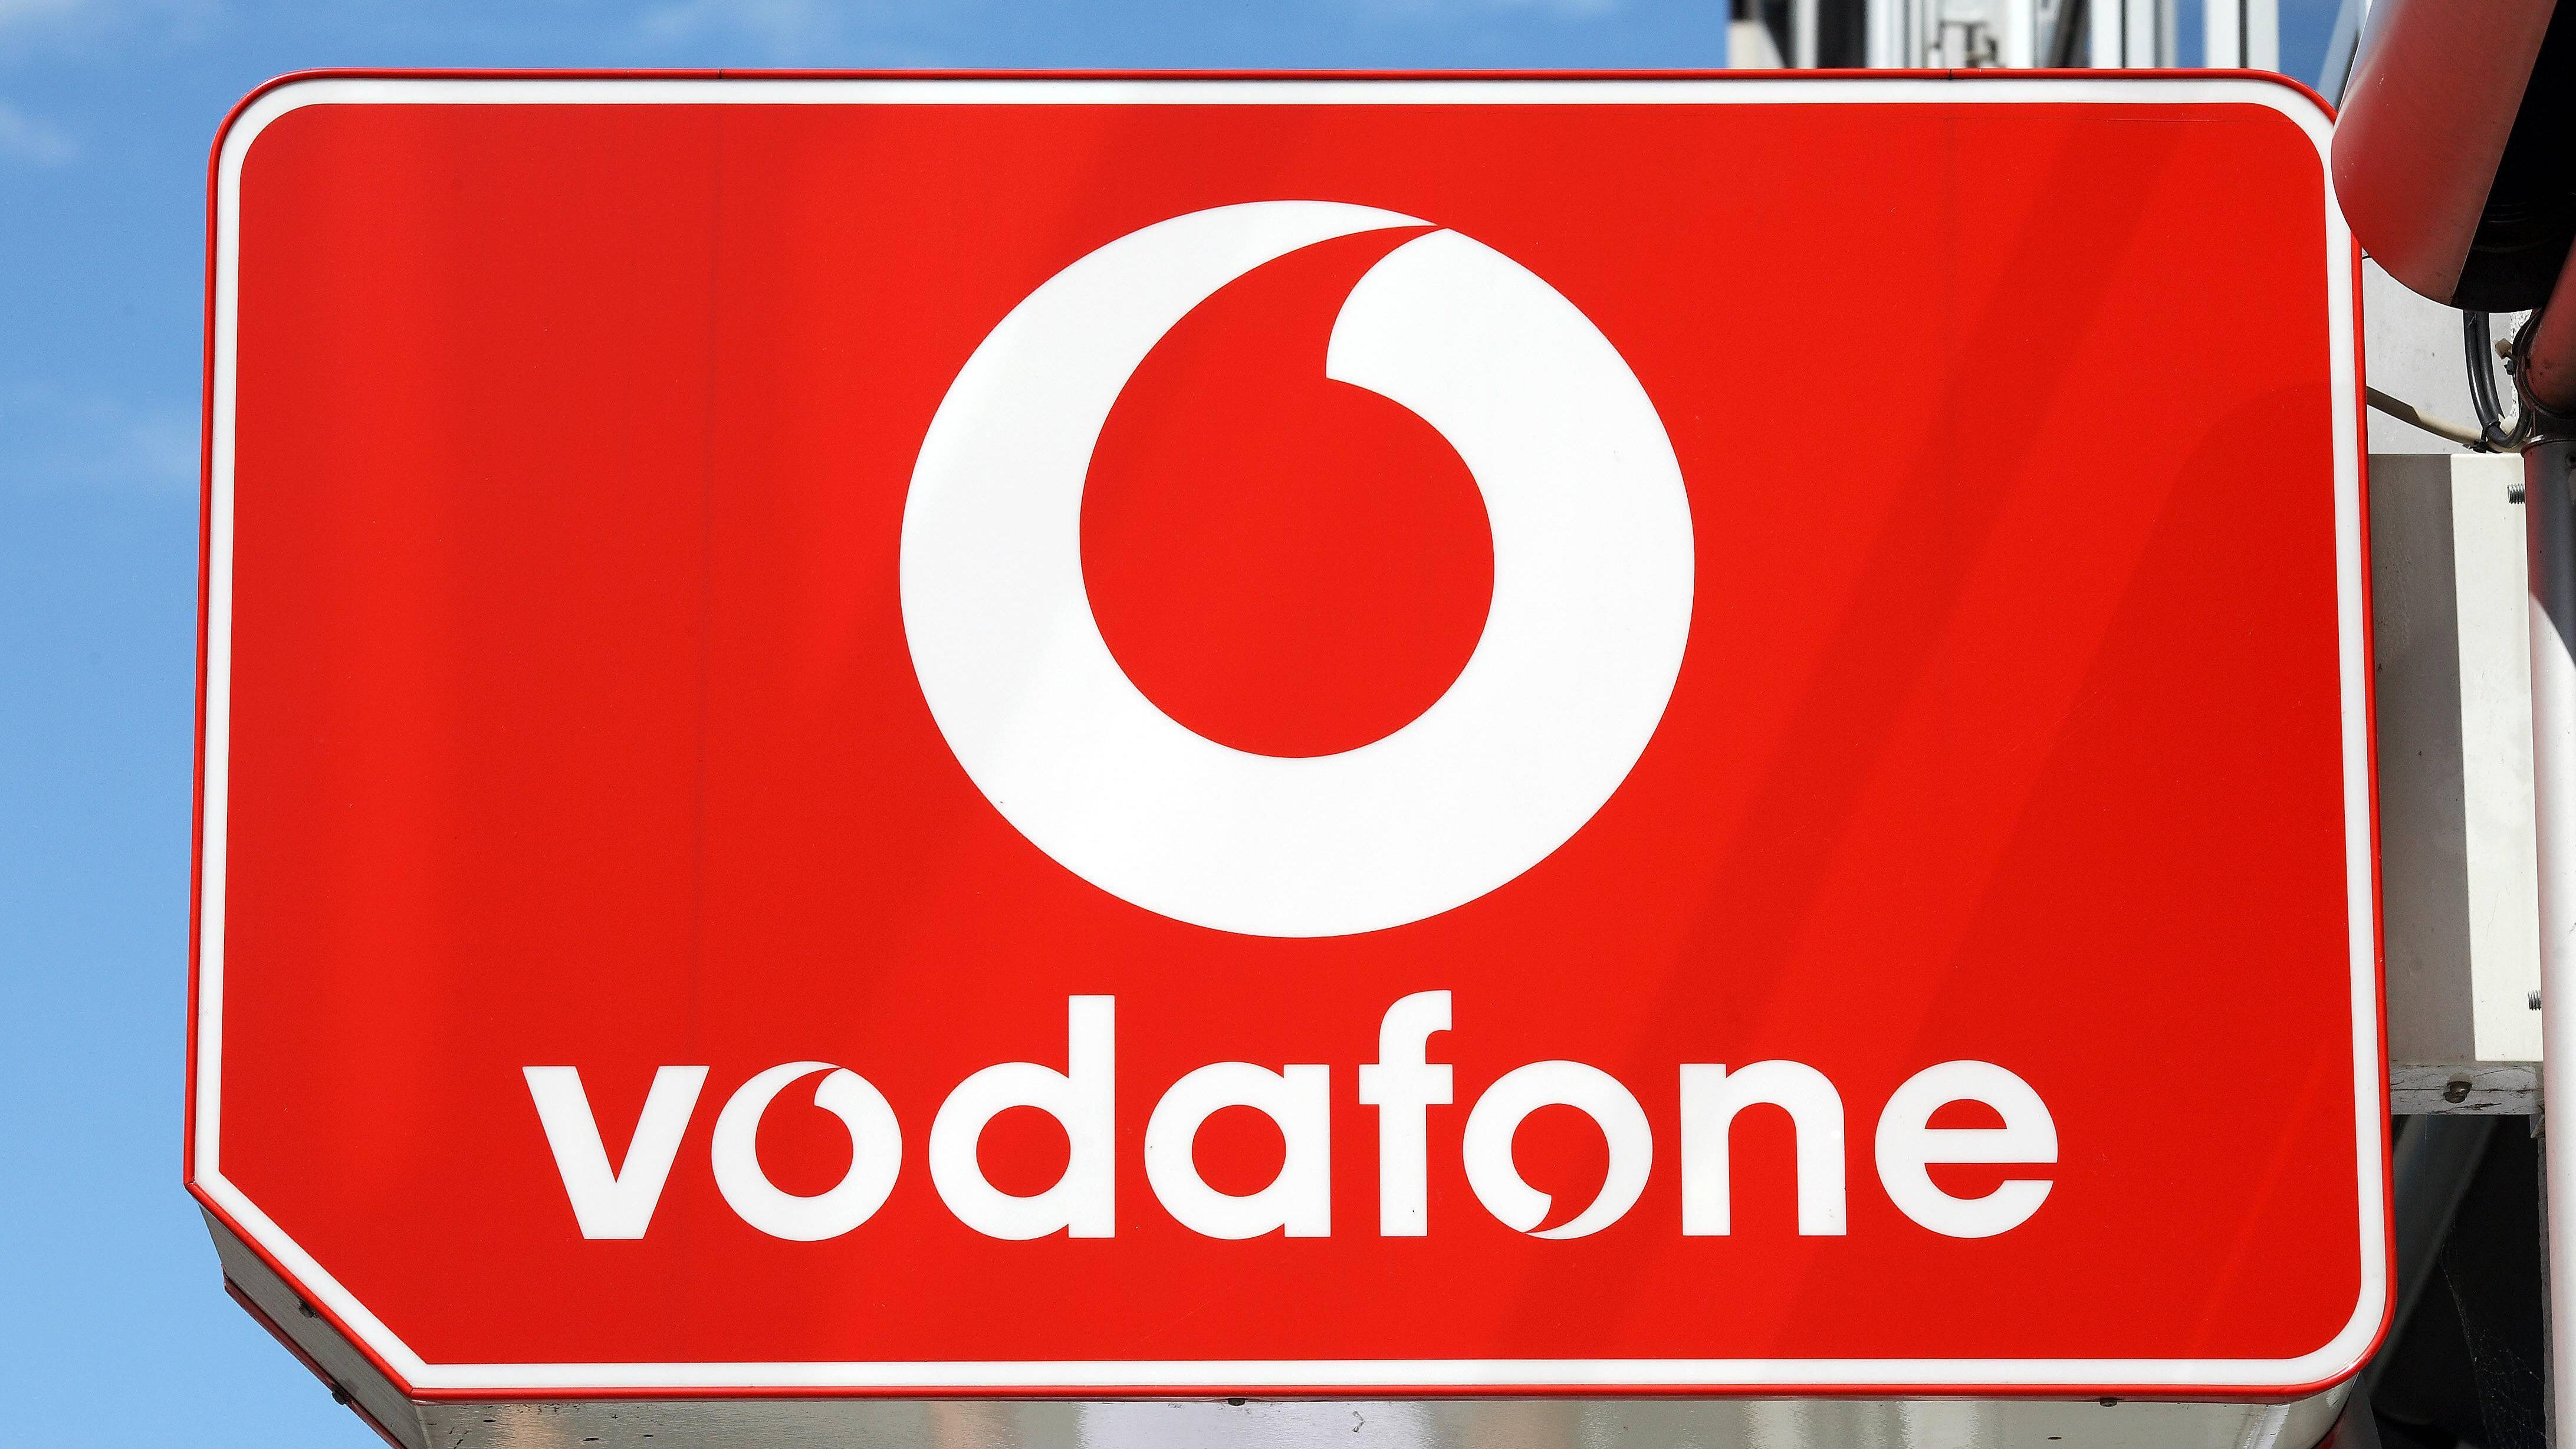 Vodafone down - Hilfe bei Störungen und Problemen